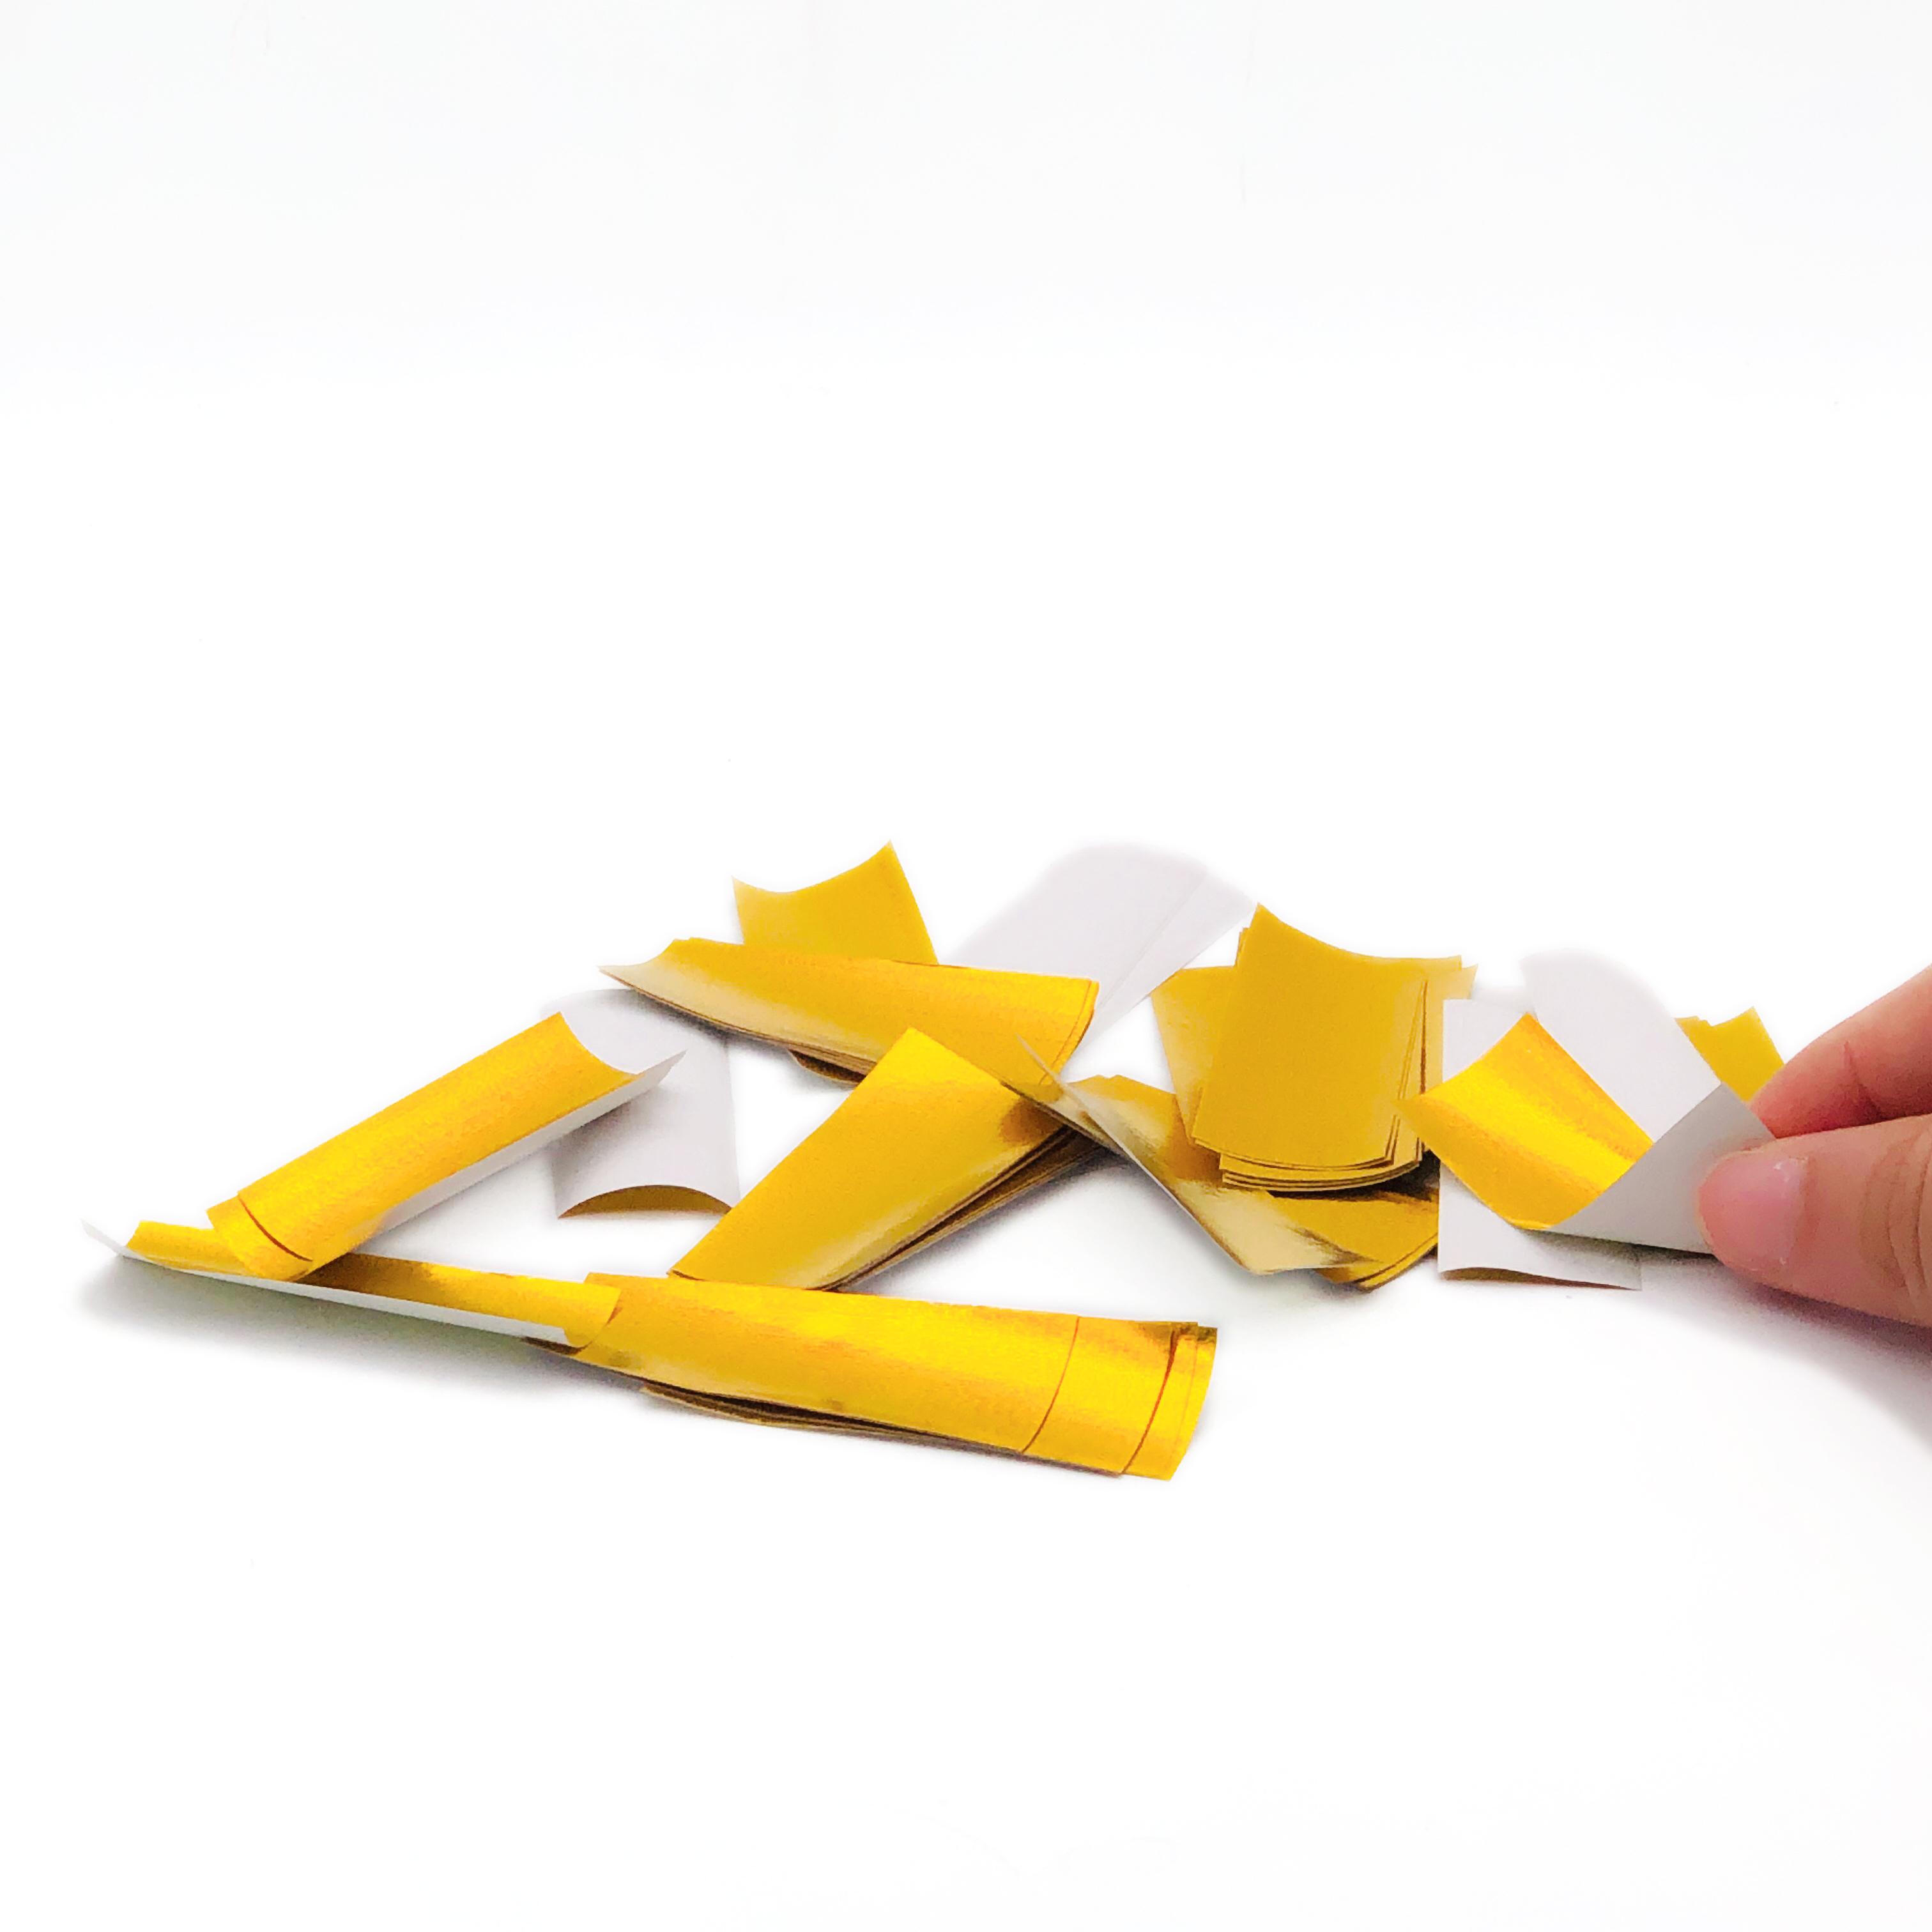 Boomwow new eco degradable shiny but non metallic tissue paper confetti-gold white